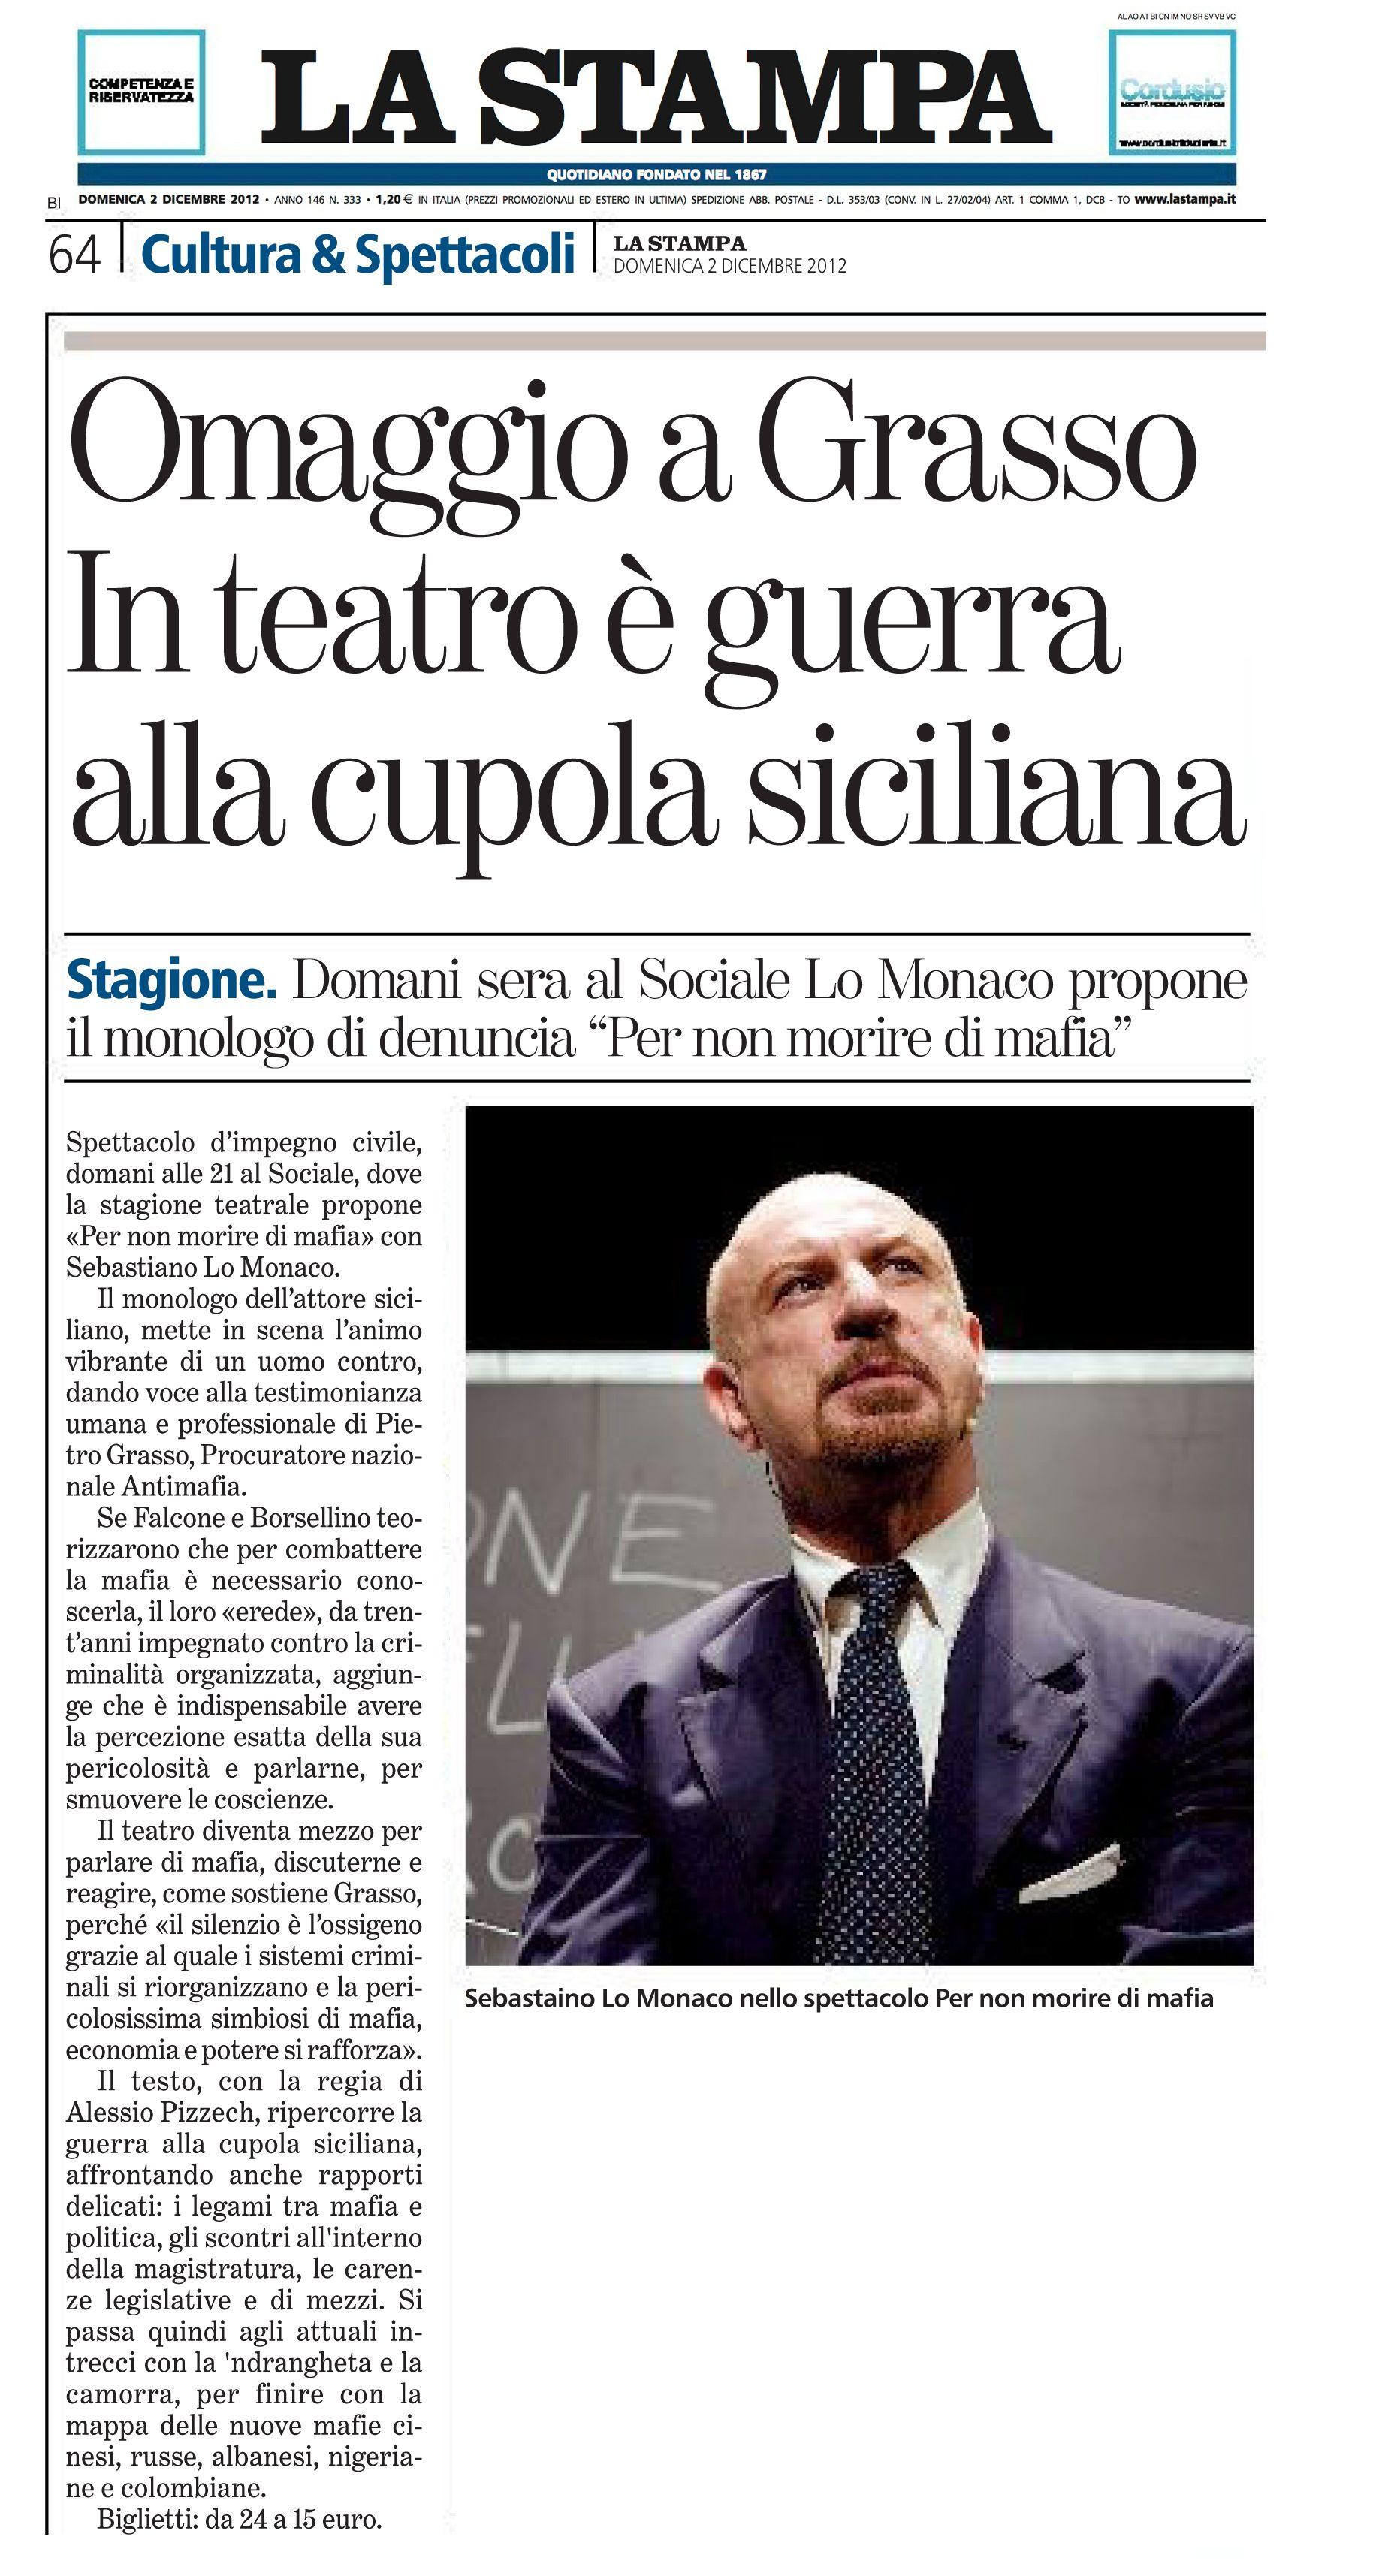 2 dicembre 2012 - La Stampa - Per Non Morire di Mafia - Teatro Sociale di Biella